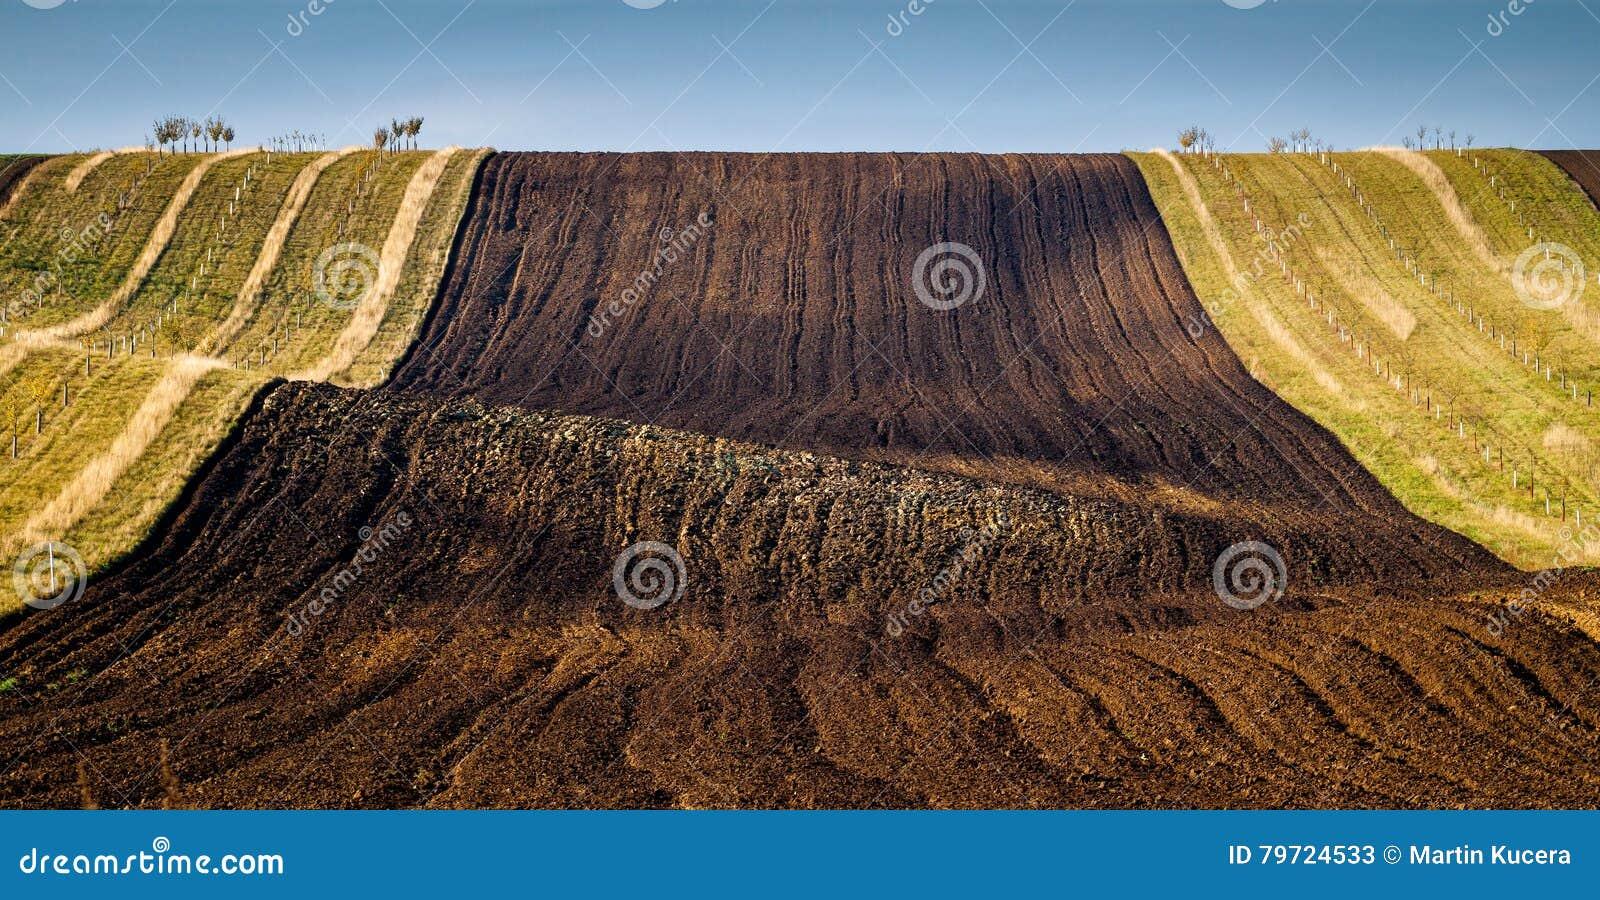 Modelos asombrosos de la raya en campos agitados de Moravia del sur